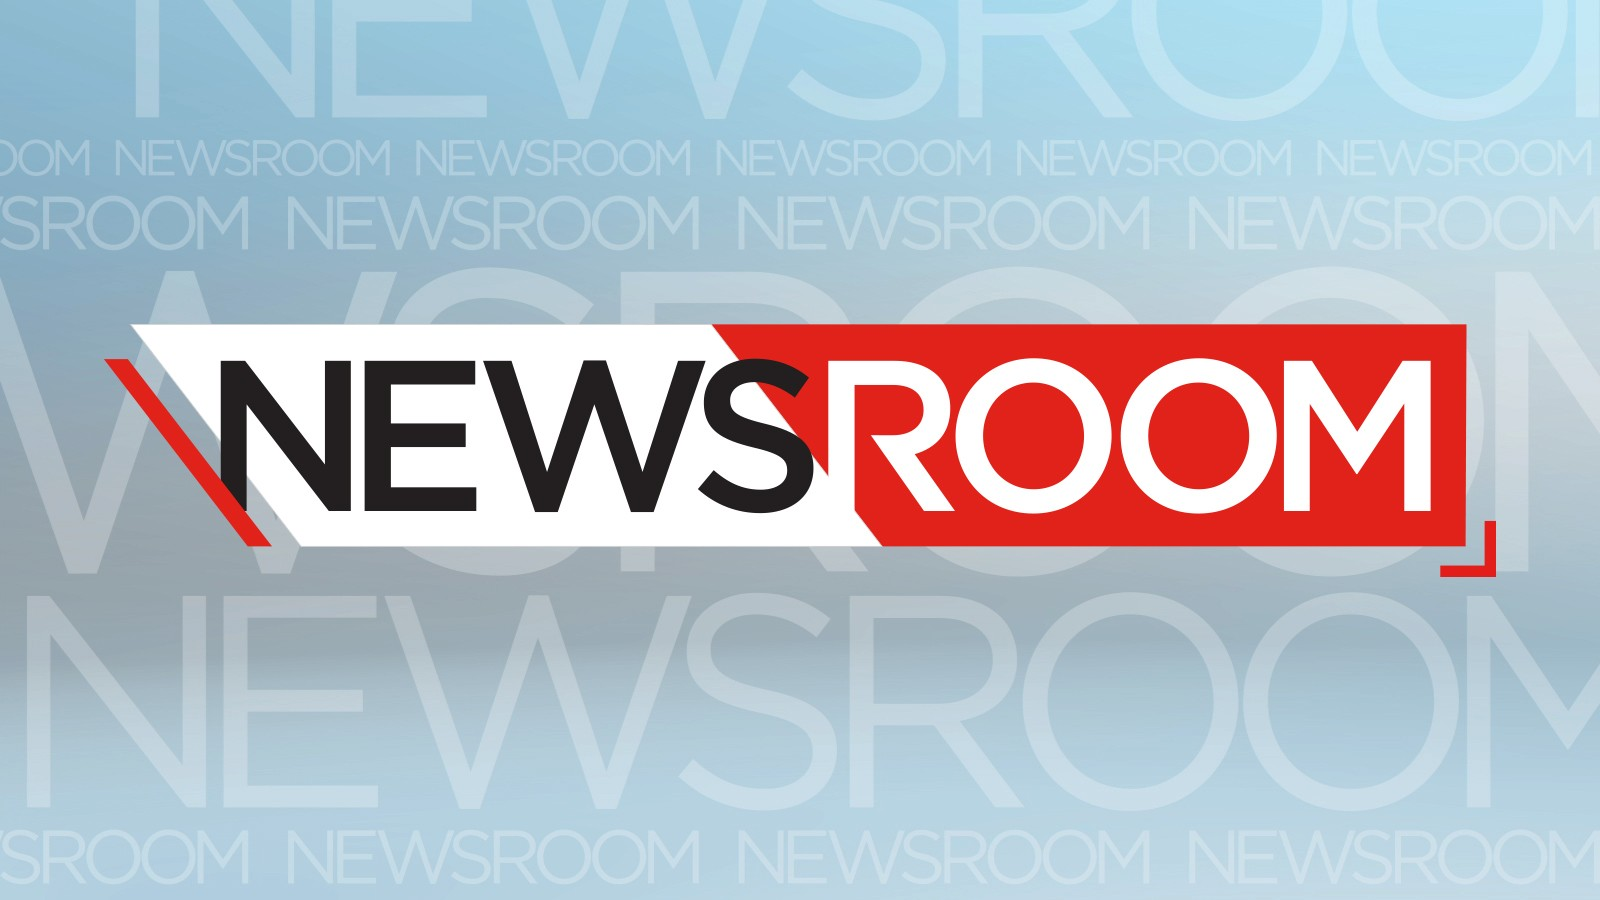 Cnn News Room Com